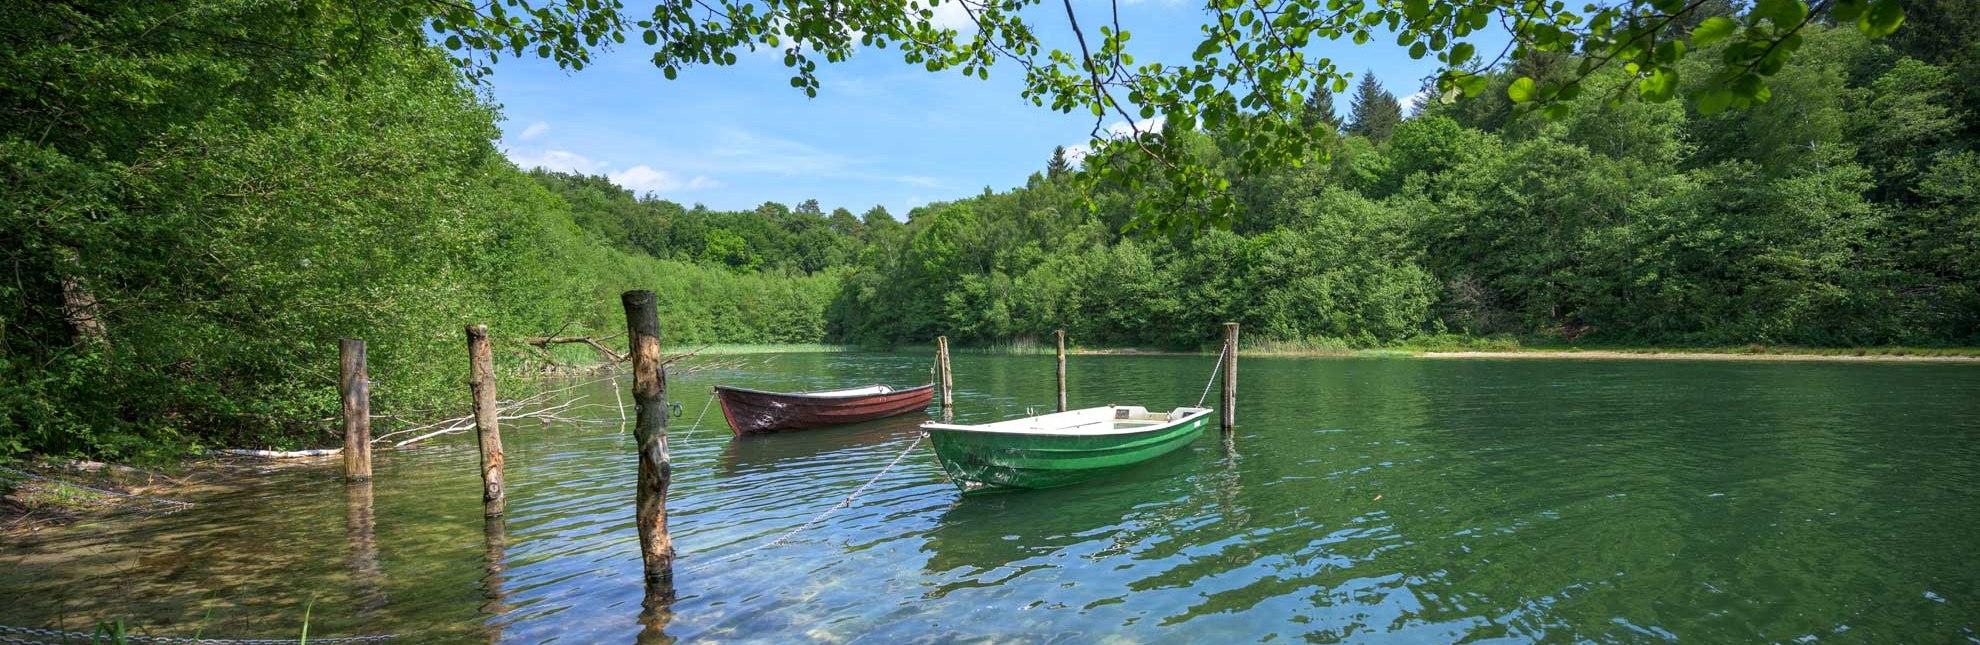 Nur für Eigentümer ist das Angeln auf dem Garrensee erlaubt., © Alex K. Media / HLMS GmbH